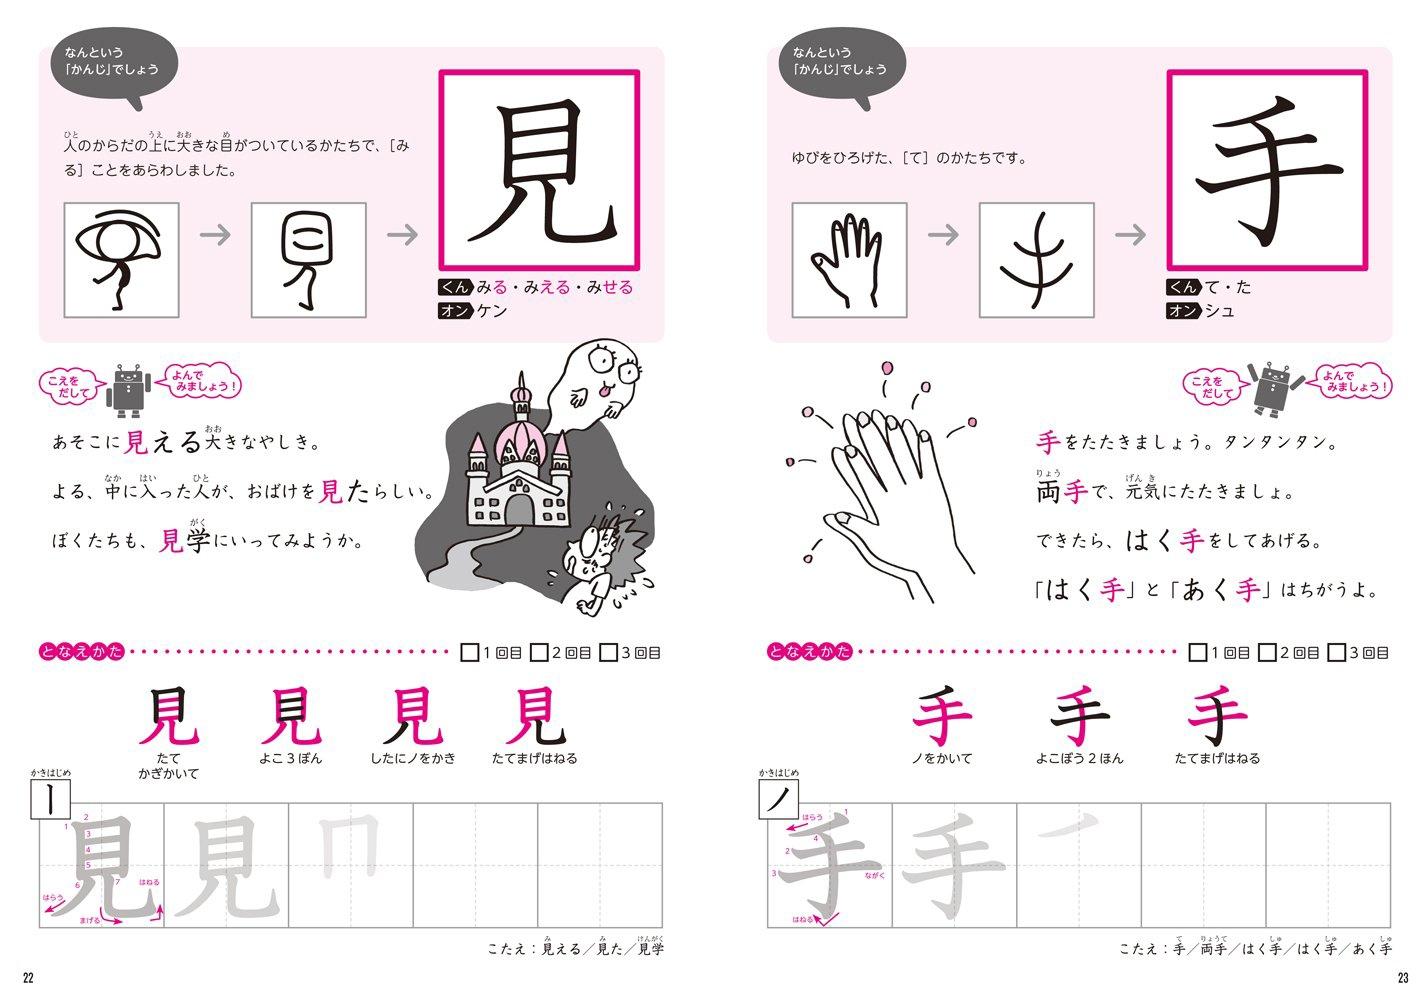 ... 式初めての漢字 of 下村昇の窓